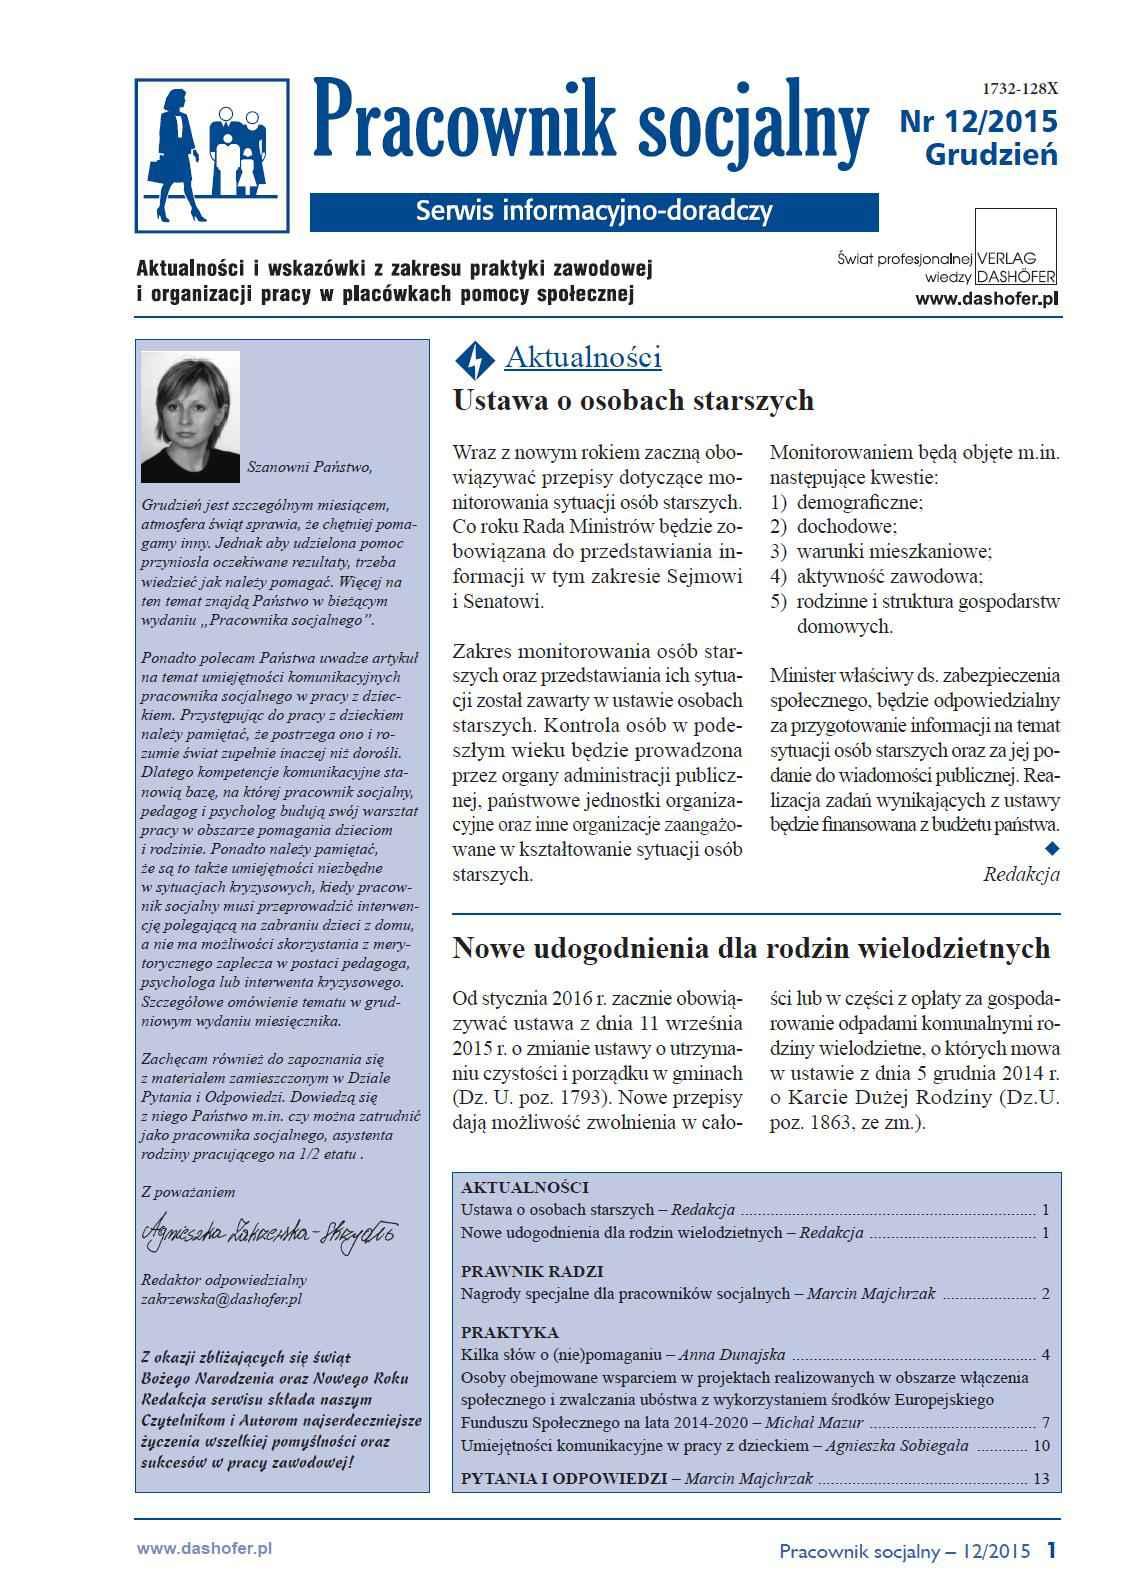 Pracownik socjalny. Aktualności i wskazówki z zakresu praktyki zawodowej i organizacji pracy w placówkach pomocy społecznej. Nr 12/2015 - Ebook (Książka PDF) do pobrania w formacie PDF